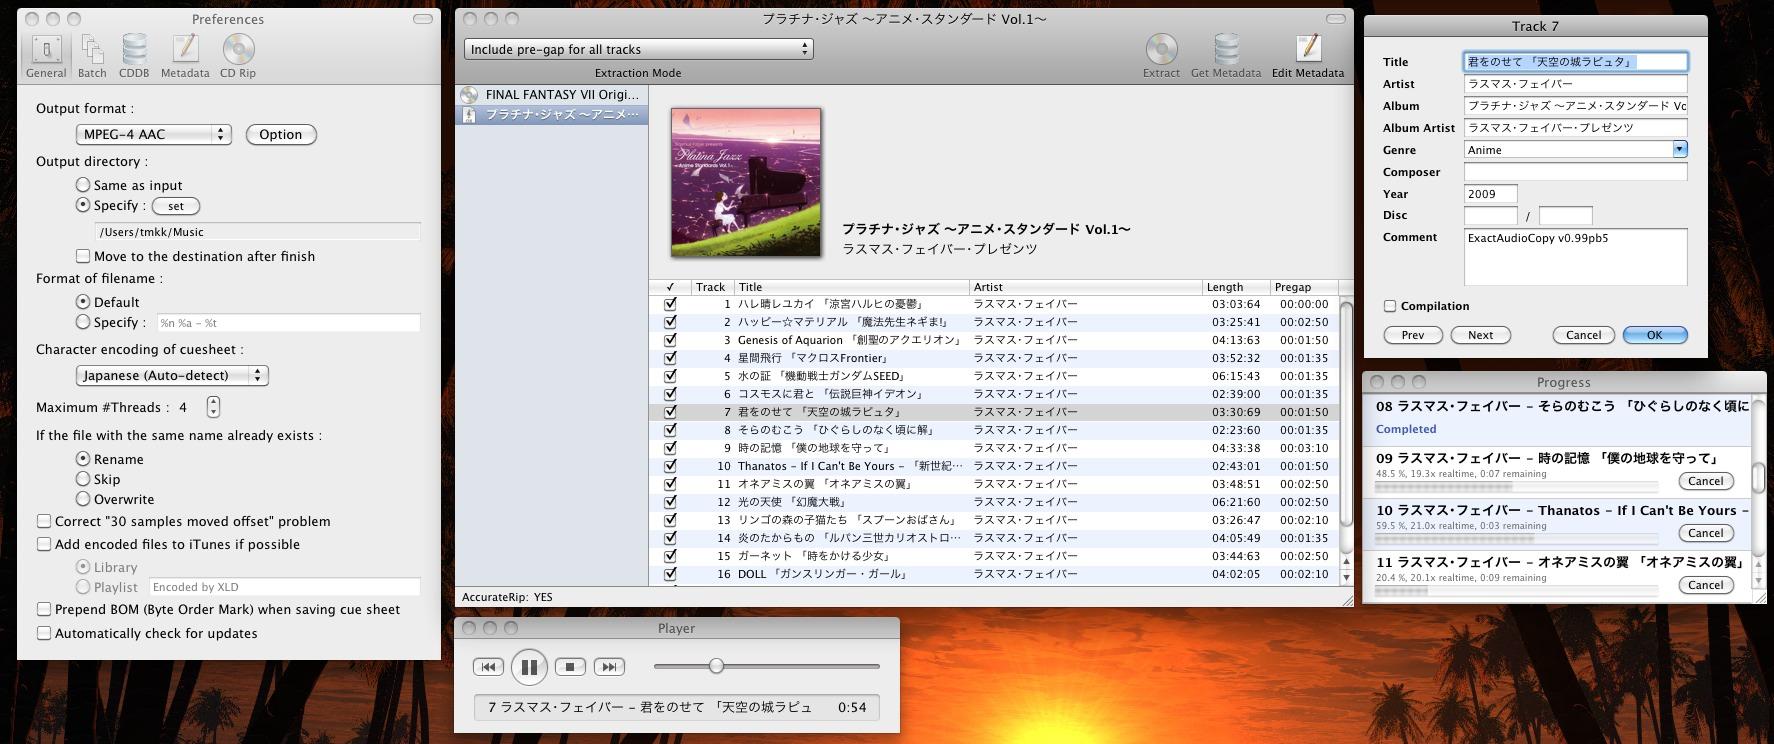 xld pour mac